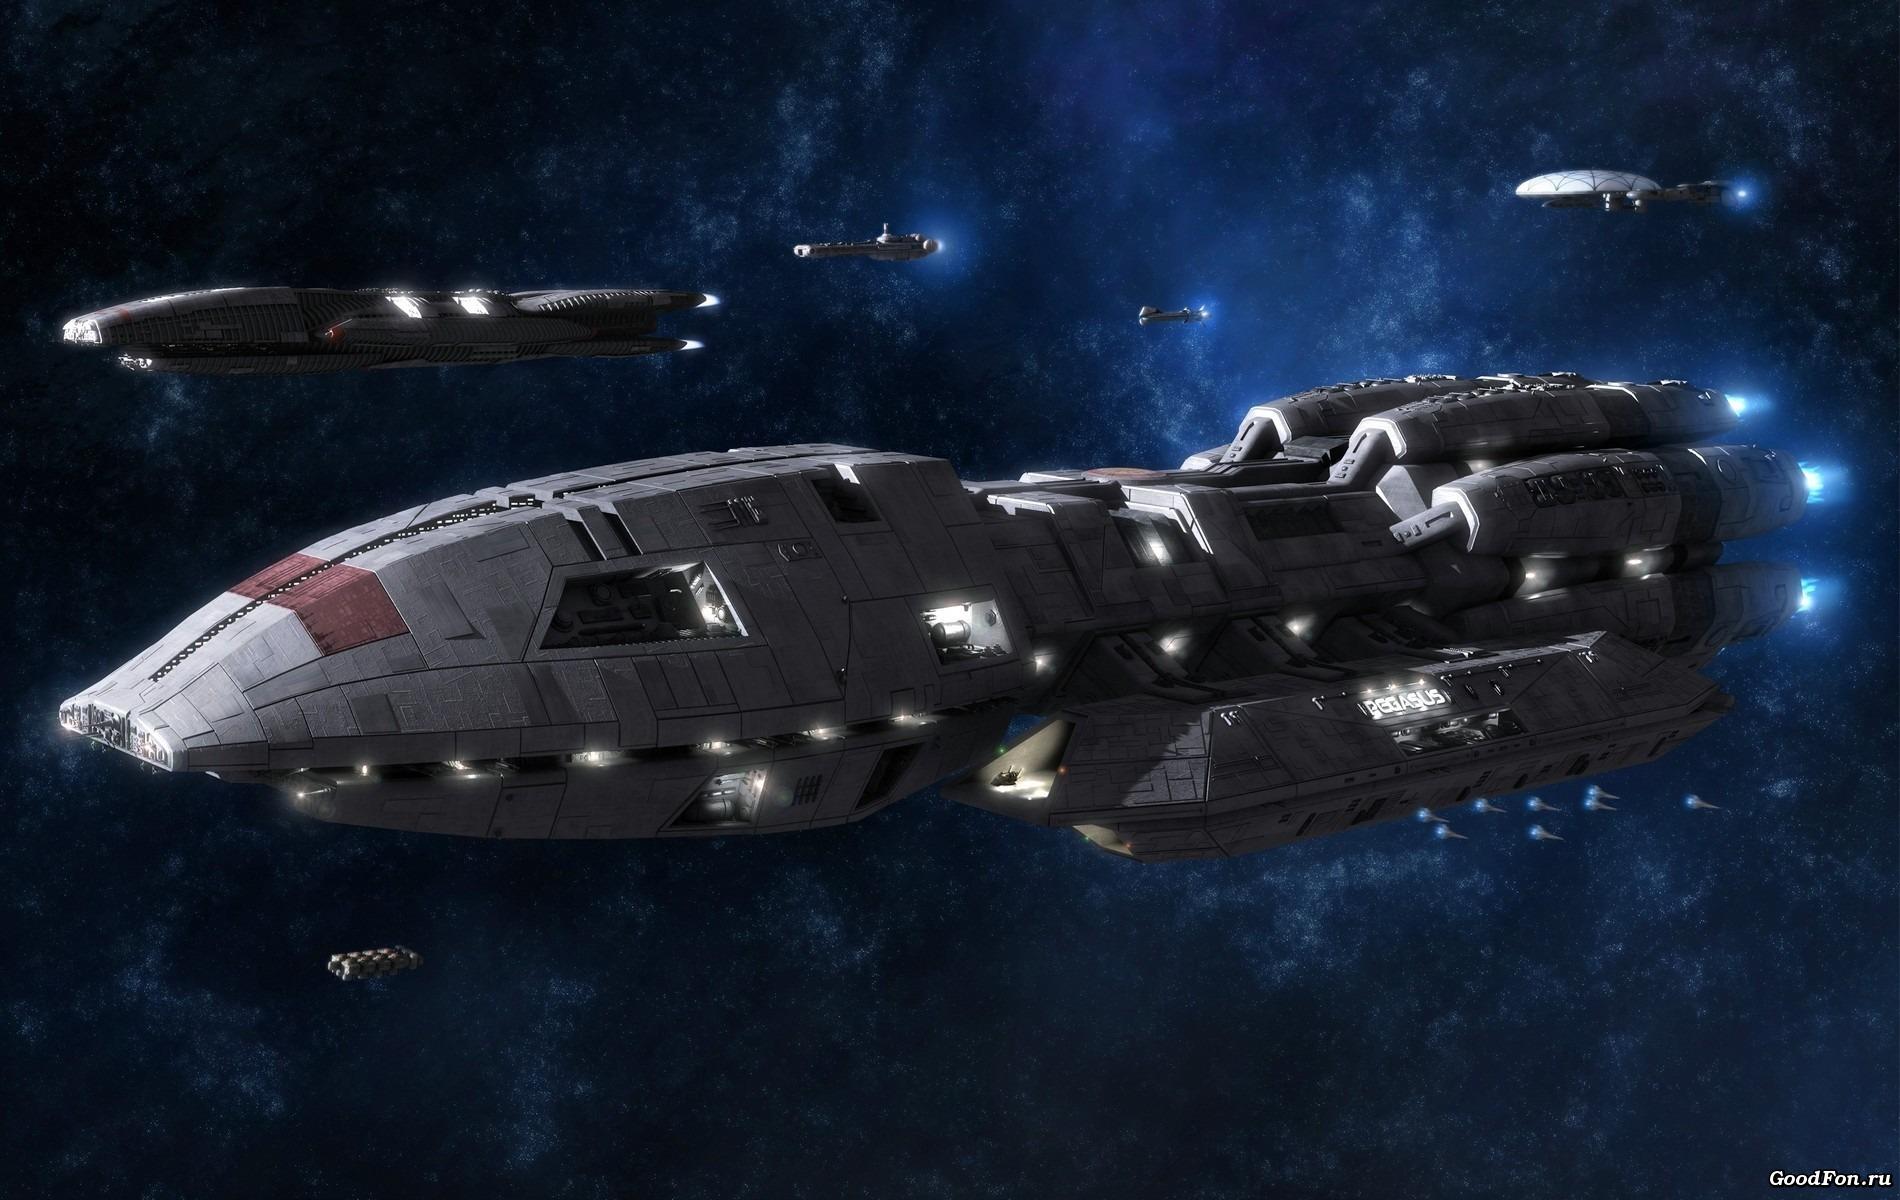 Обои на рабочий стол космические корабли будущего